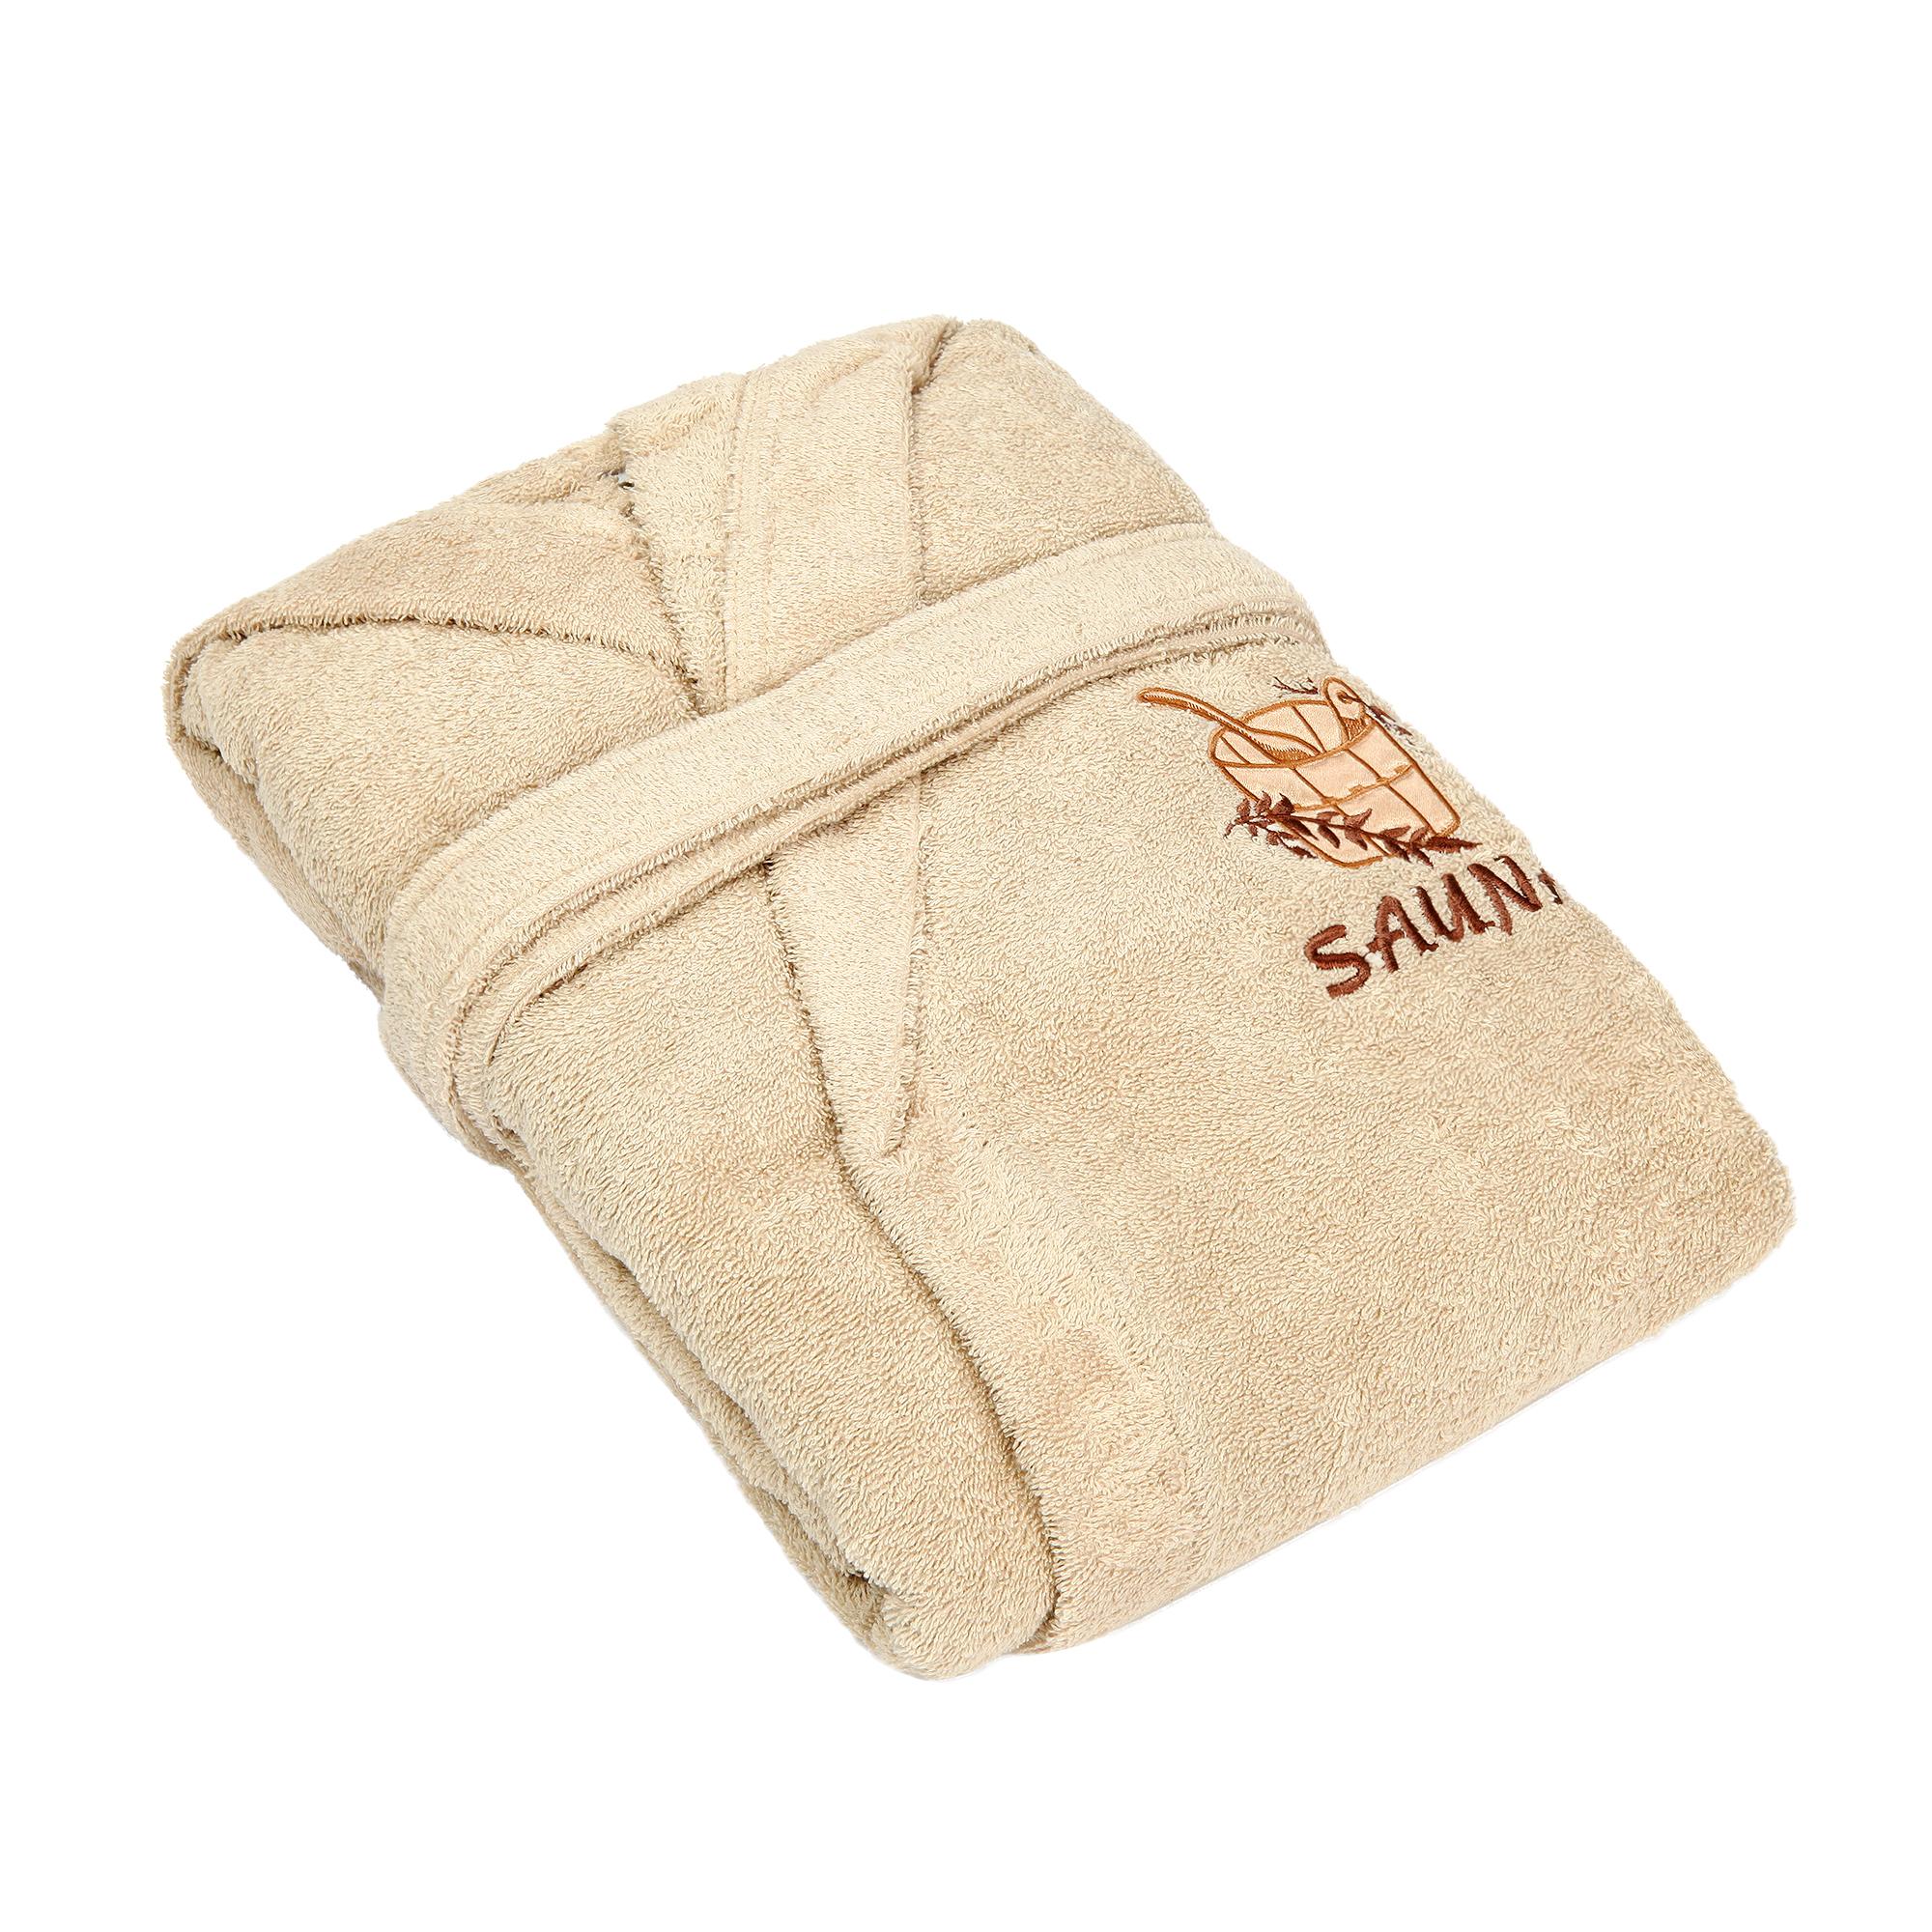 Фото - Халат мужской Asil sauna brown m махровый с капюшоном халат махровый asil двухсторонний xxl темно синий